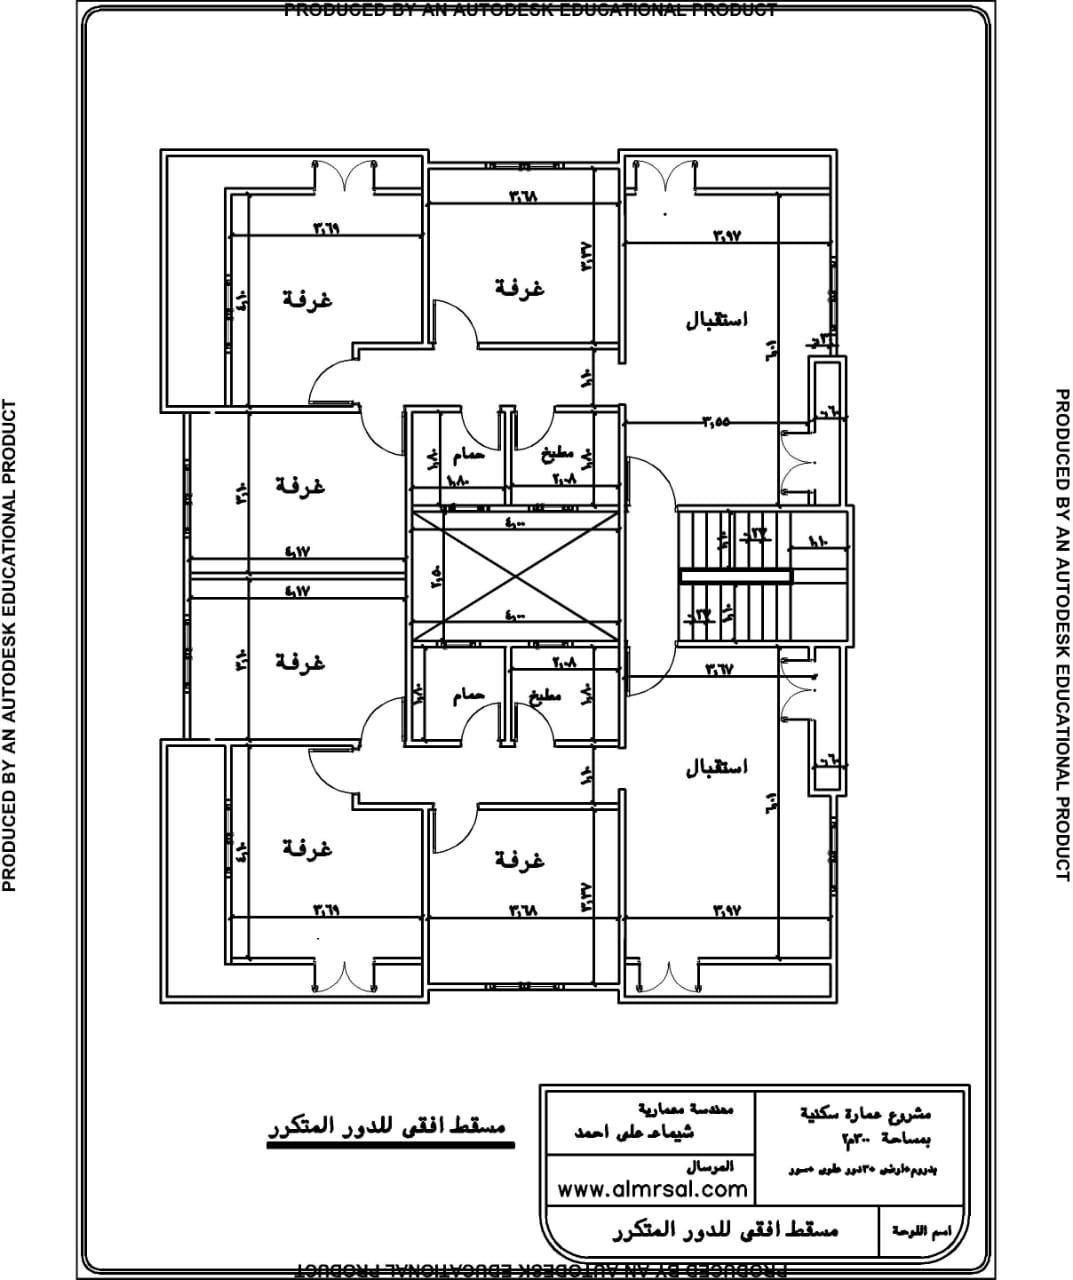 مخطط عماره شقتين Architectural House Plans 2bhk House Plan Architecture House